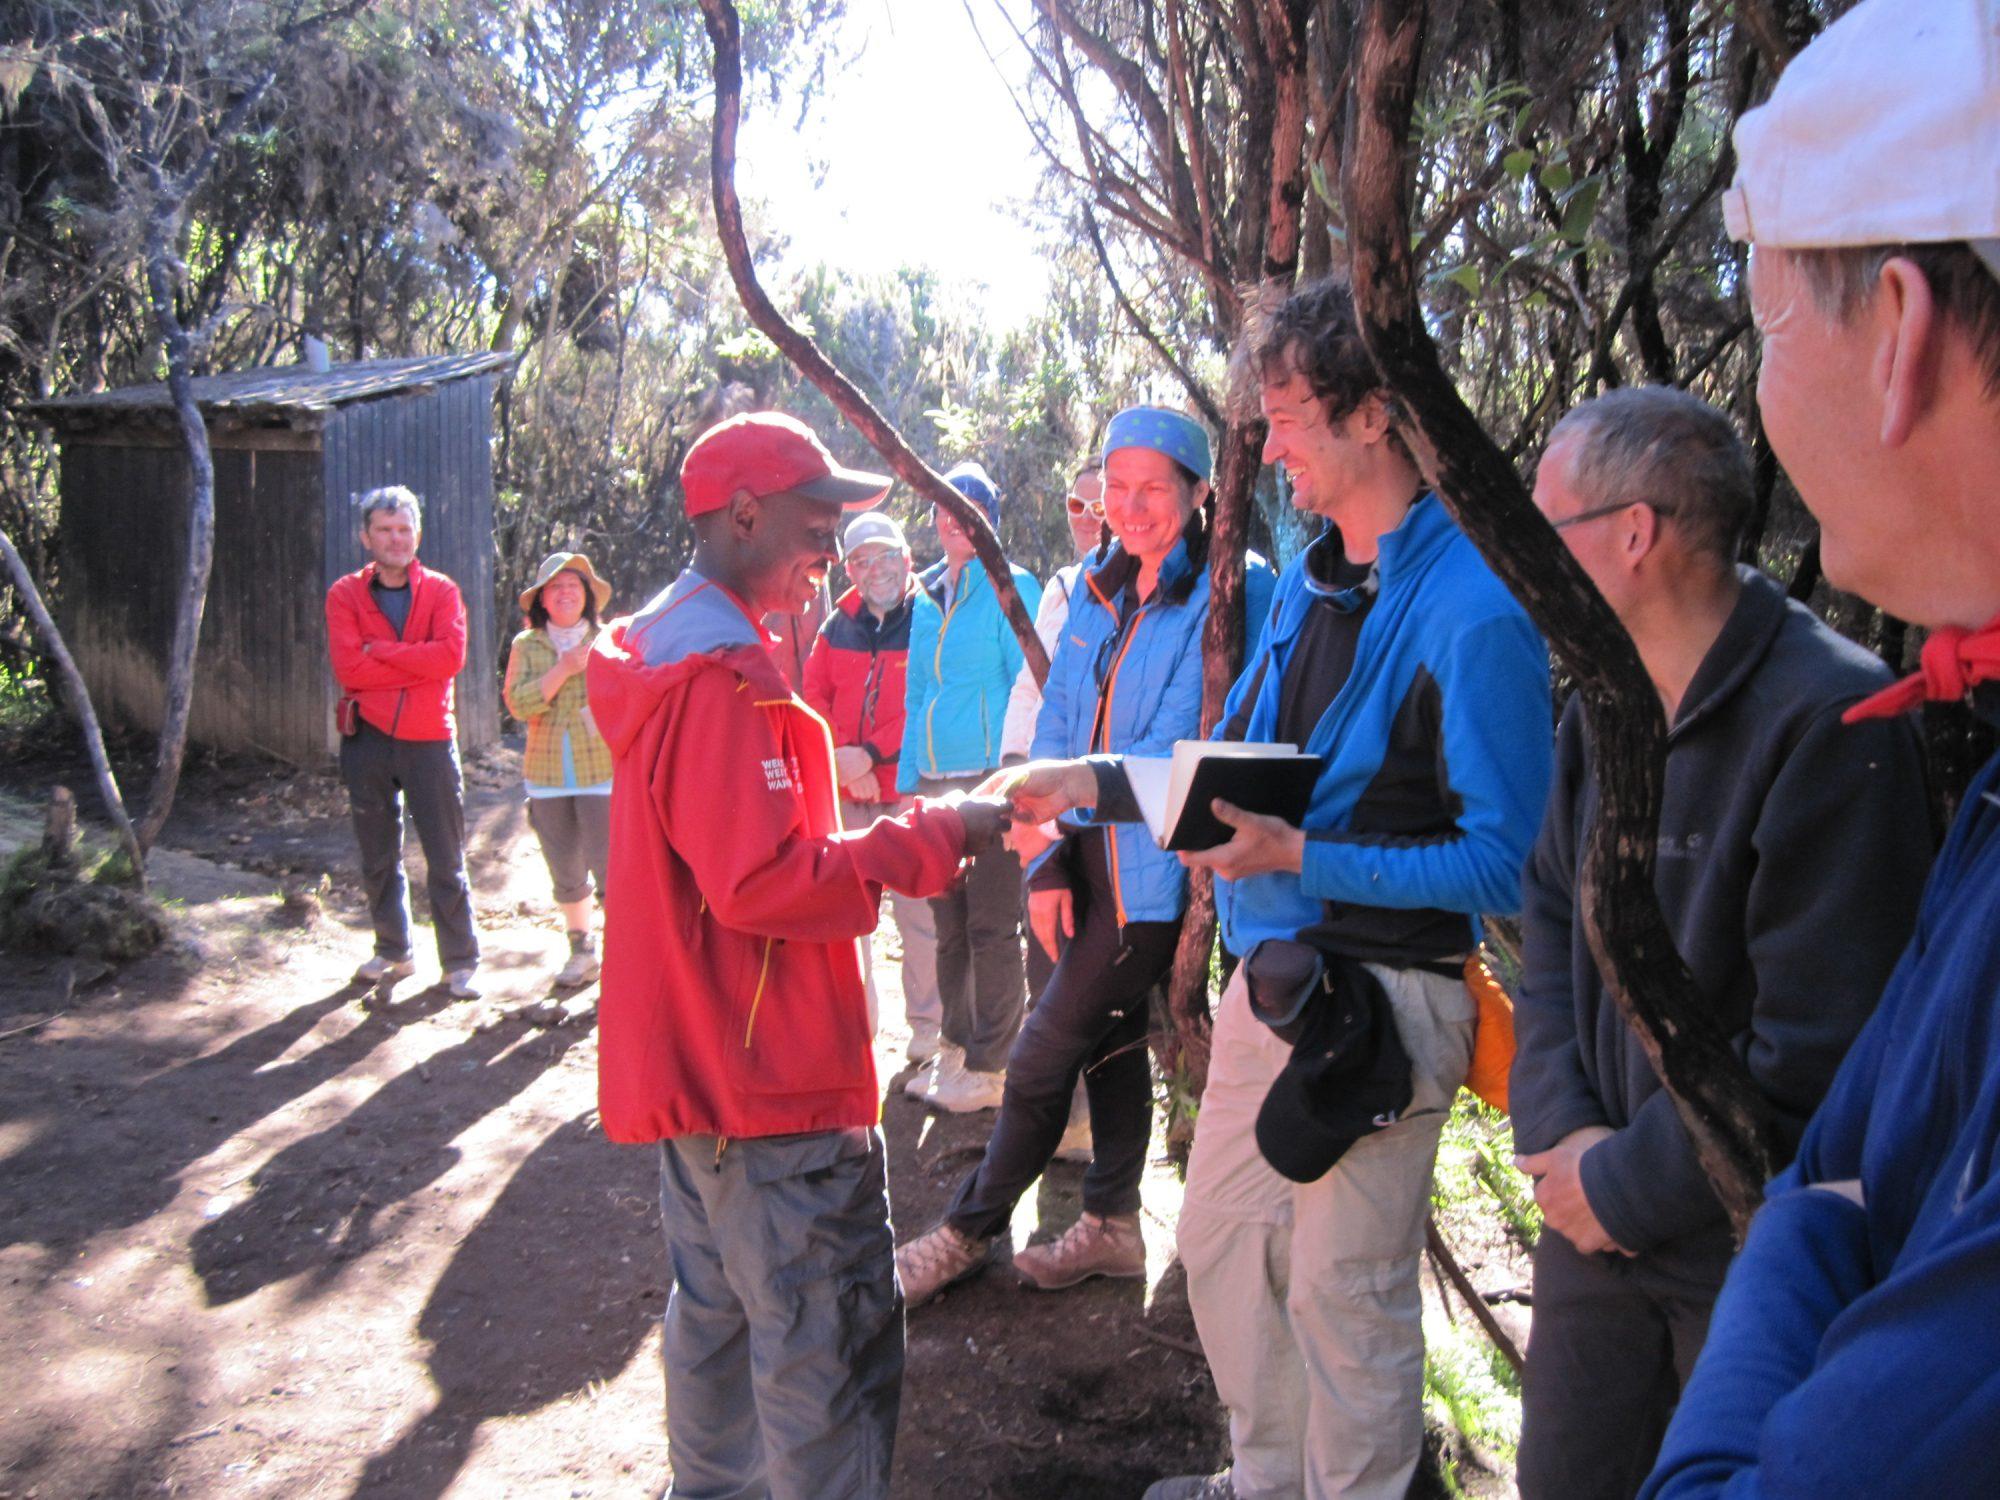 Abschiedszeremonie Kilimandscharo, Kilimandscharo besteigen, Tansania, Afrika, Kilimandscharo Tour, Erfahrungsbericht, Machame Route